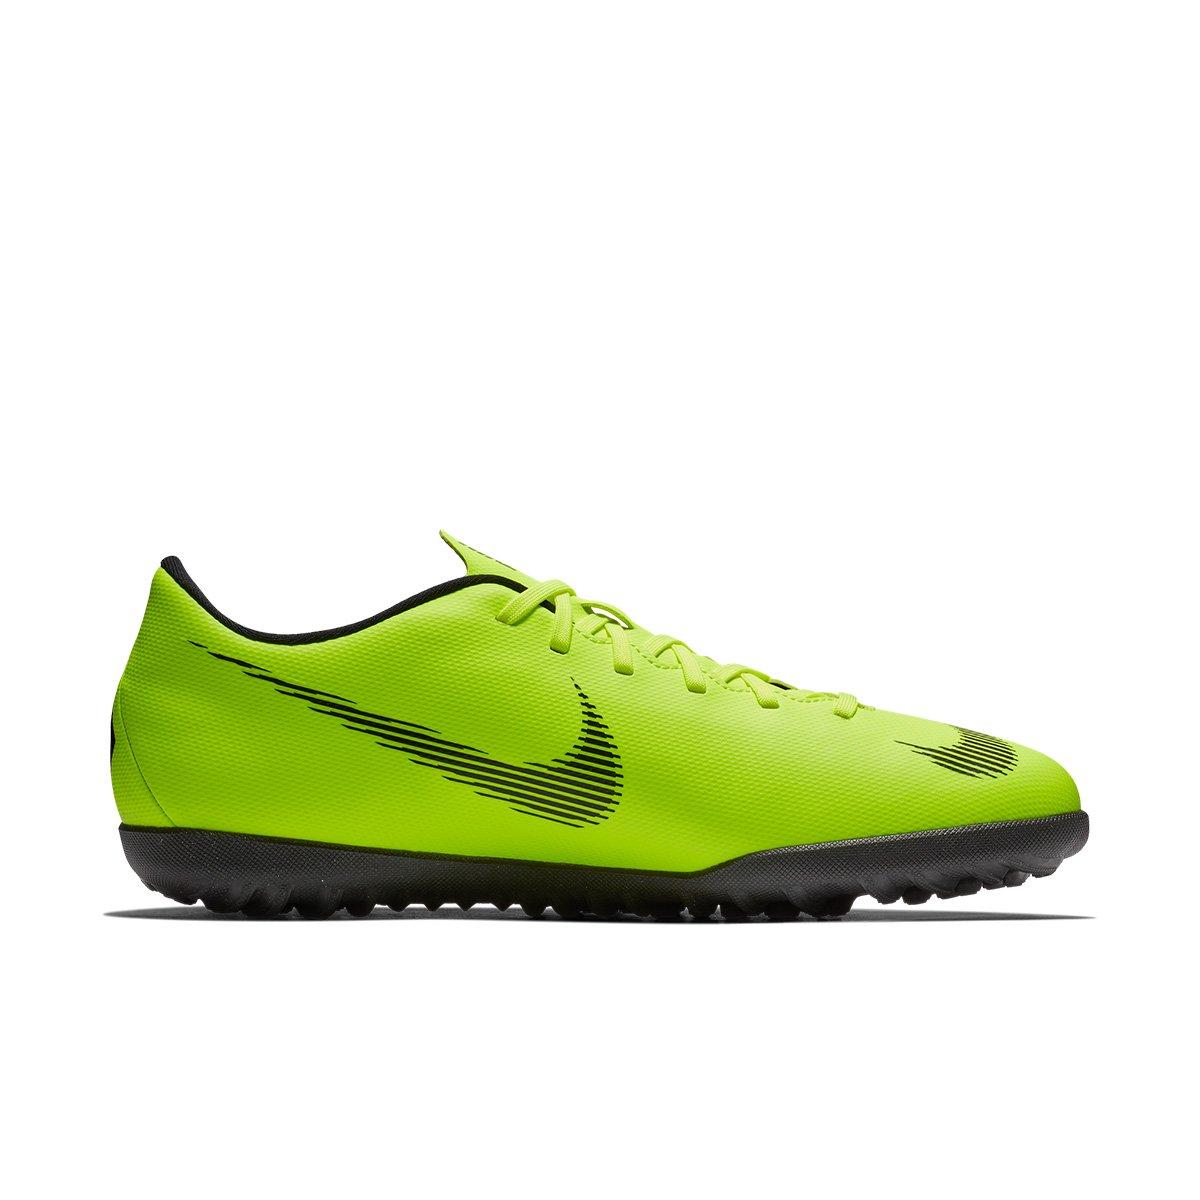 da2462a641 Chuteira Nike Society Mercurial Vapor 12 Club - Verde e Preto ...